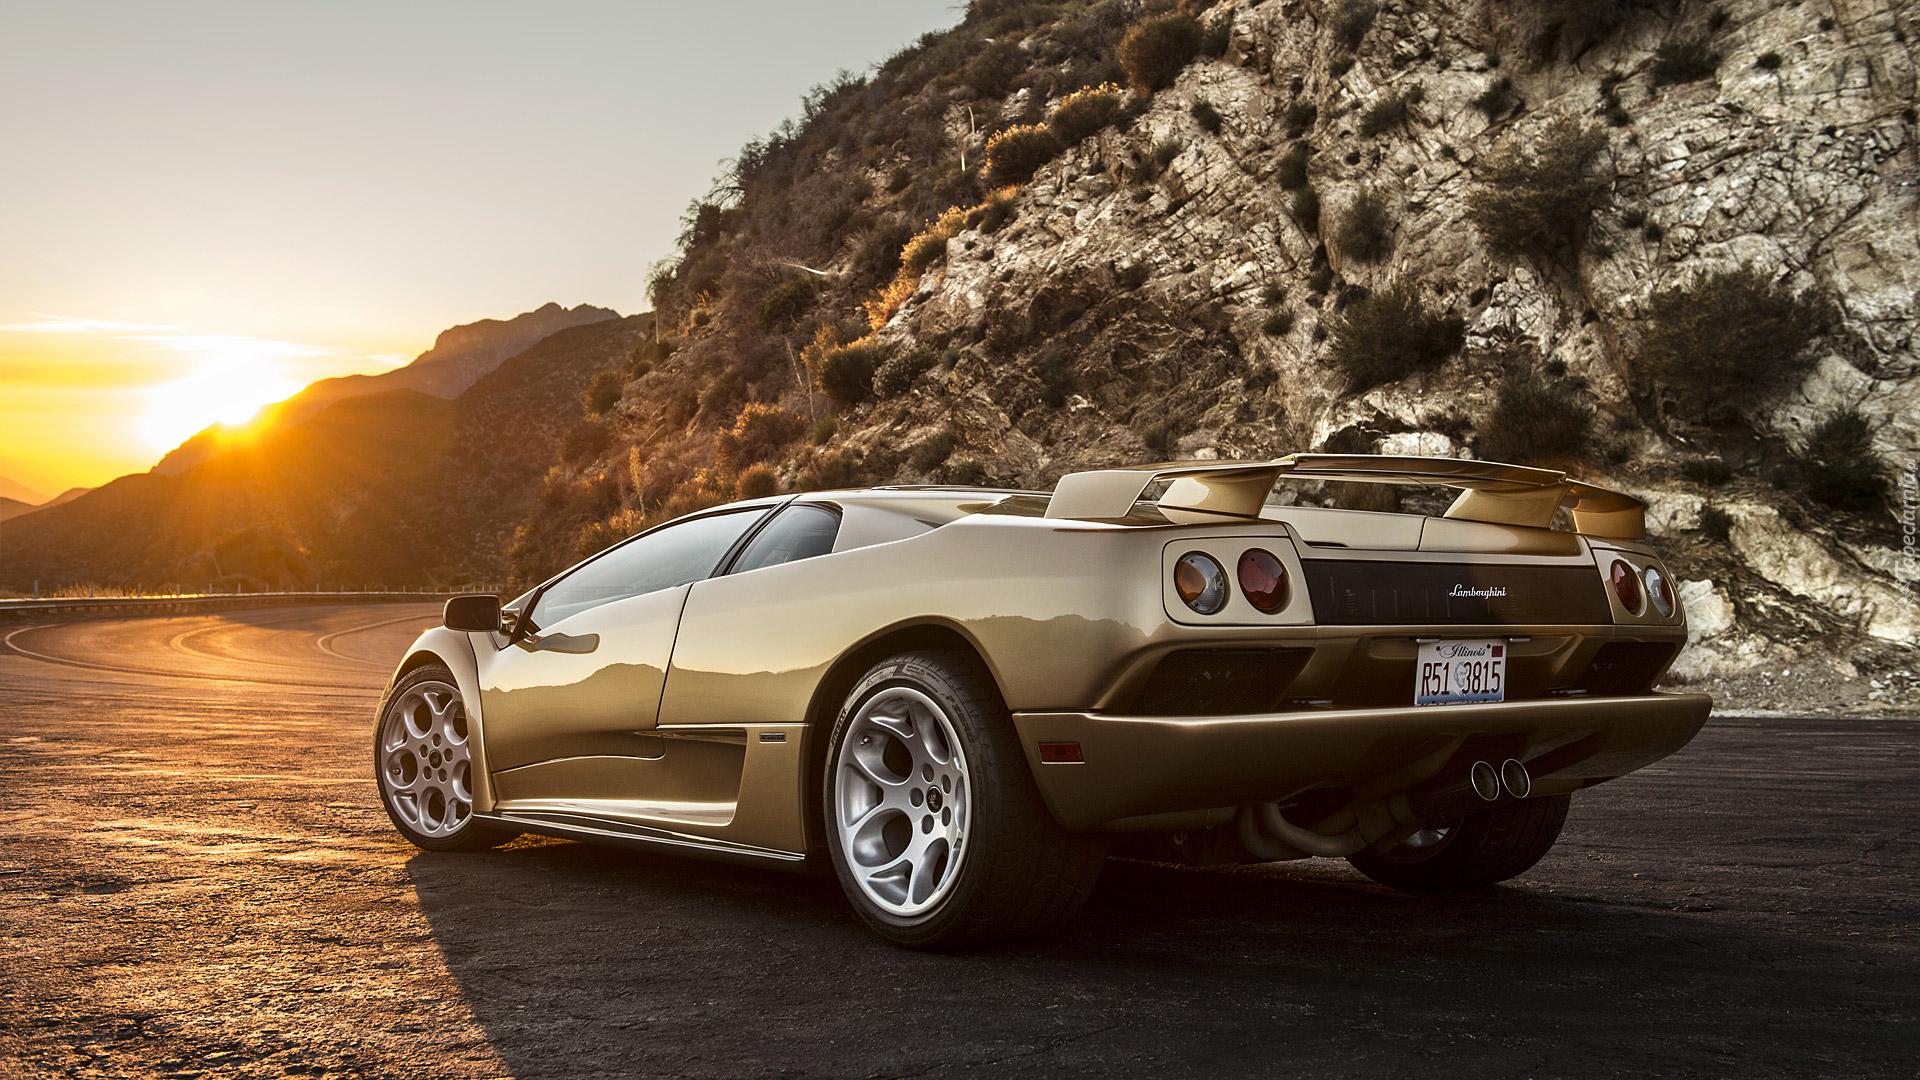 Tapety Lamborghini Diablo